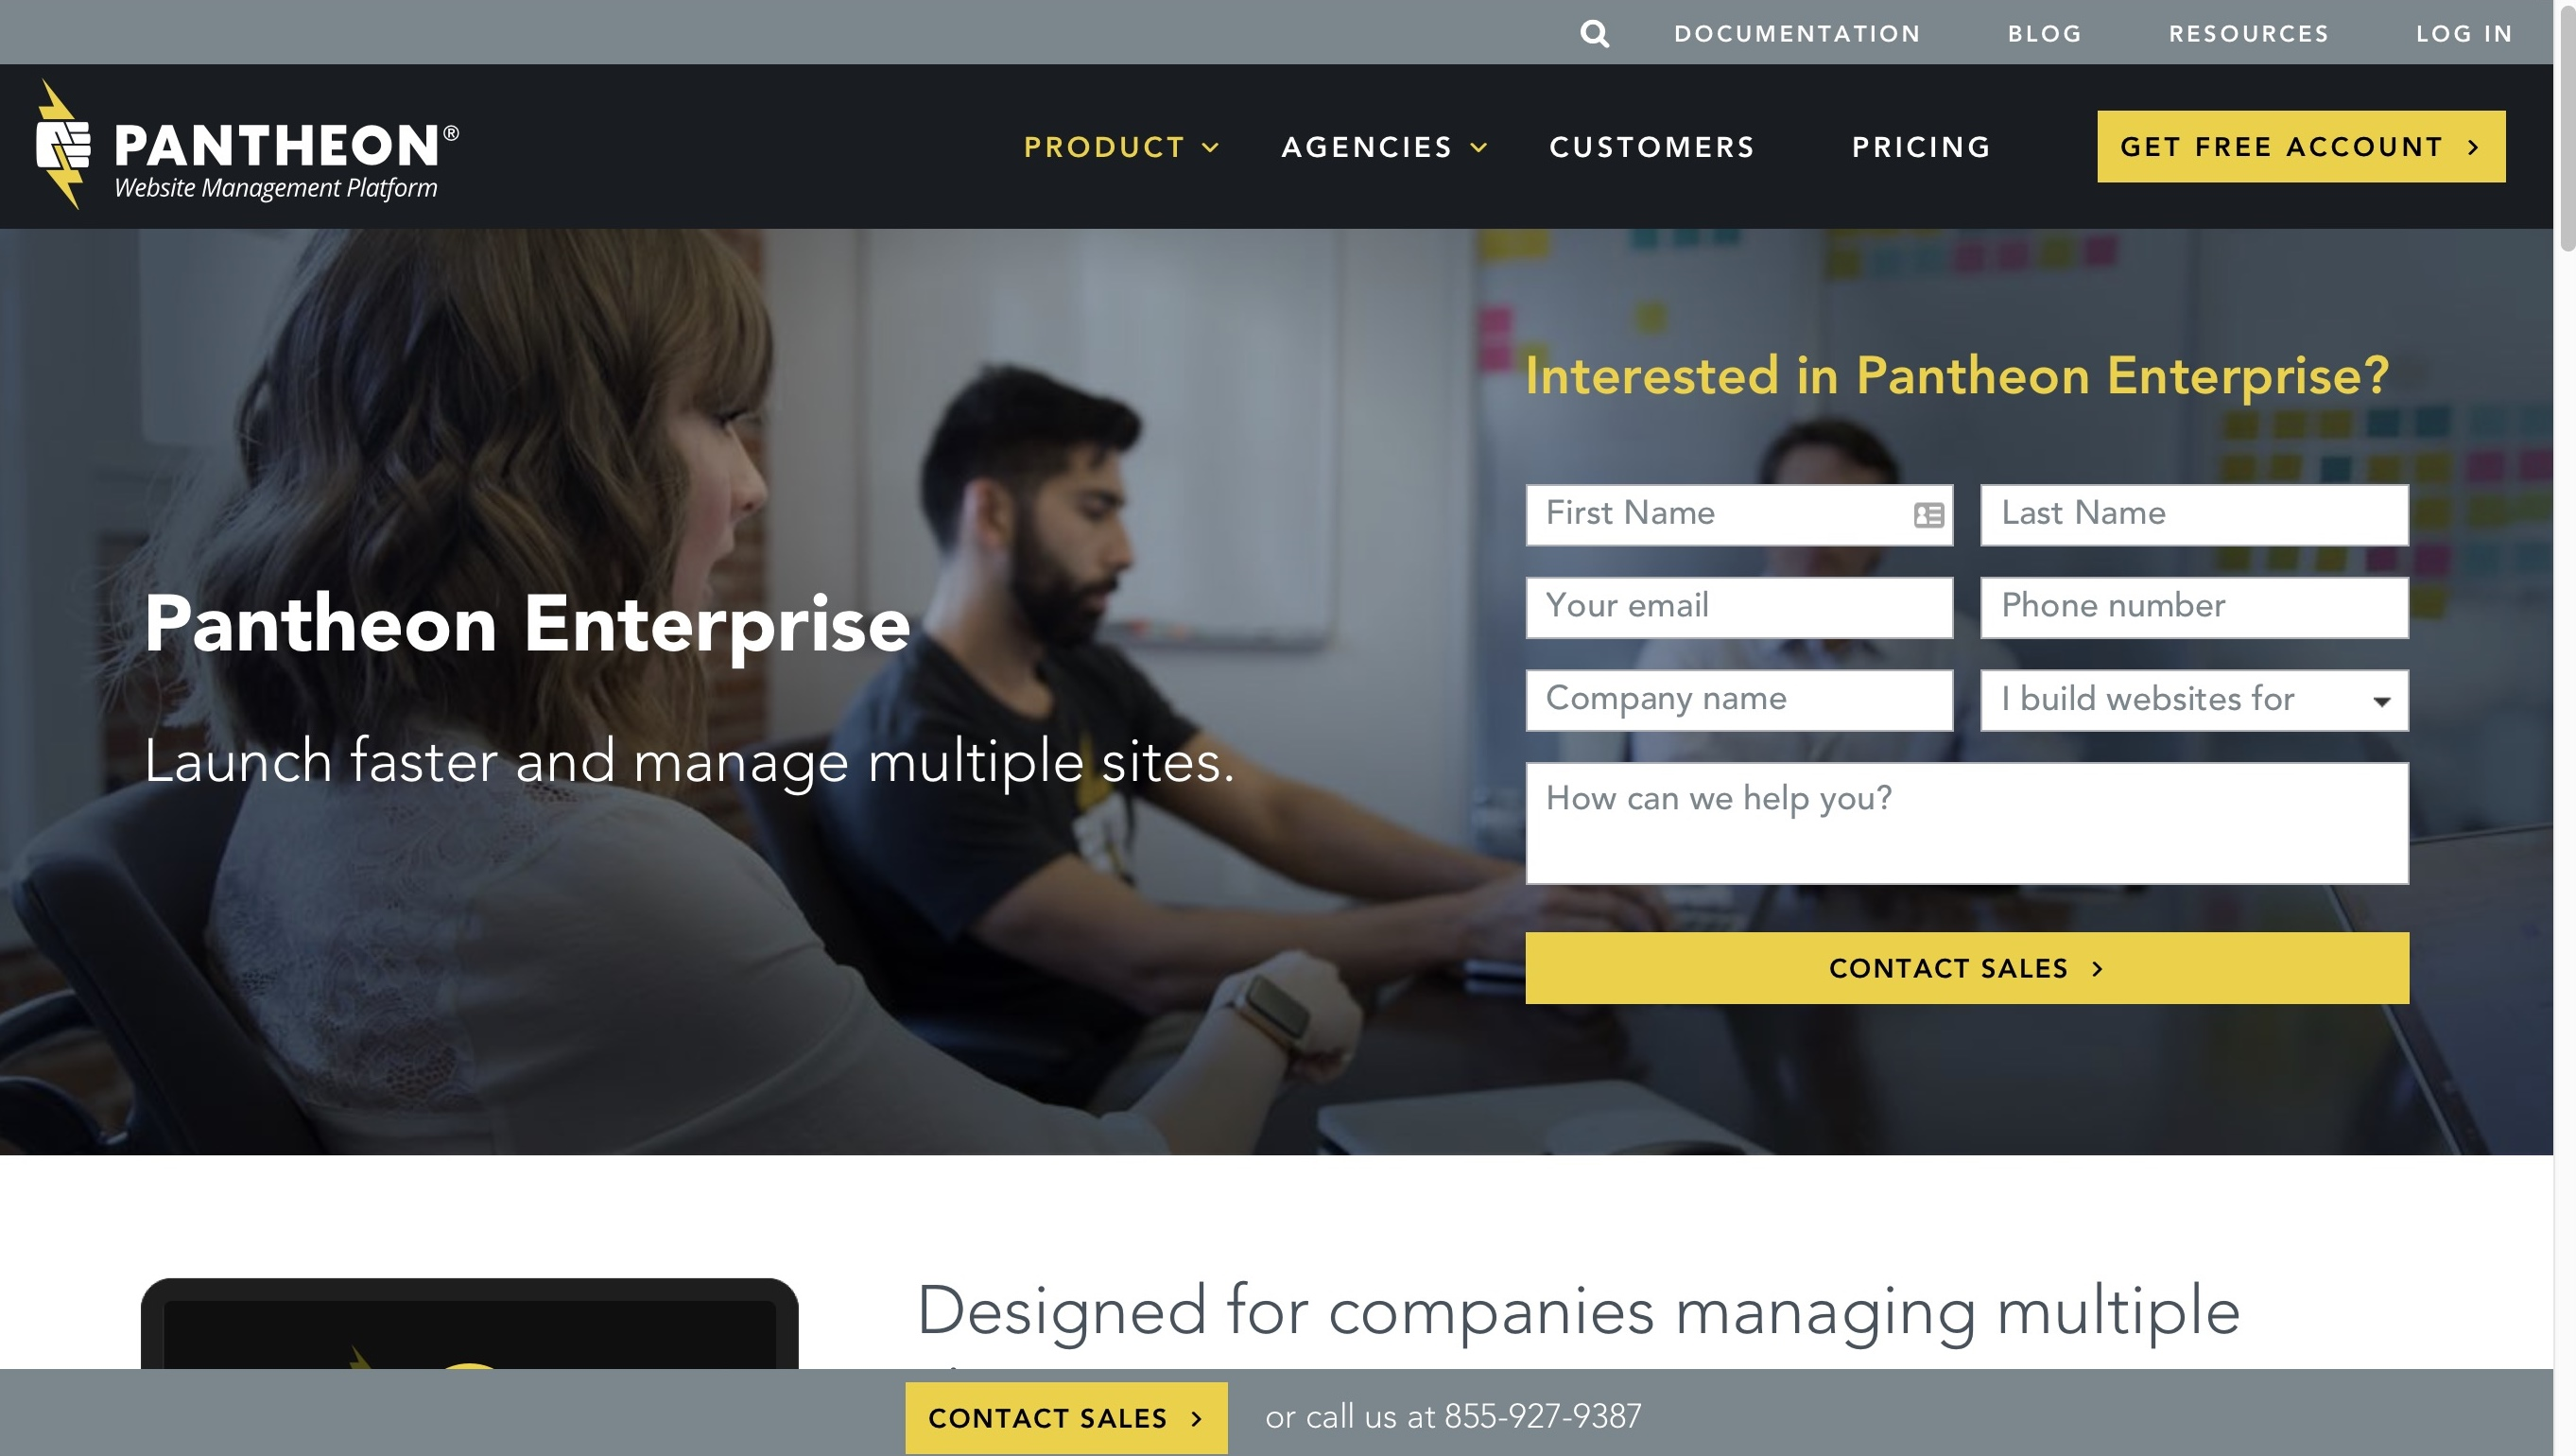 """pantheon """"srcset ="""" https://blogging-techies.com/wp-content/uploads/2020/04/1587935171_544_¿Cuales-son-los-mejores-planes-de-alojamiento-de-nivel-empresarial.jpg 2725w, https://winningwp.com/wp-content/uploads/2018/02/pantheon-250x141. jpg 250w, https://winningwp.com/wp-content/uploads/2018/02/pantheon-768x434.jpg 768w, https://winningwp.com/wp-content/uploads/2018/02/pantheon-700x396. jpg 700w, https://winningwp.com/wp-content/uploads/2018/02/pantheon-120x68.jpg 120w """"tamaños ="""" (ancho máximo: 2725px) 100vw, 2725px """"></p> <p>Pantheon ha estado en este mercado desde 2010 y, durante ese tiempo, han creado una impresionante cartera de clientes, incluidas empresas como Nvidia, IBM, Cisco, Boston Herald, Dell y muchas otras.</p> <p>Sus soluciones de nivel empresarial afirman ser las configuraciones de alojamiento más rápidas y escalables que existen. Esto se debe al hecho de que Pantheon es una plataforma como servicio multiinquilino, con todos los sitios de clientes que se ejecutan en la misma infraestructura de plataforma a través de Google Cloud Platform (sin importar el tráfico).</p> <h4>Precio y Parámetros</h4> <p>Aunque la página de ventas dice que obtienes hosting empresarial Pantheon para <strong>$ 10,000 al año</strong>, es difícil obtener ese número cuando usa su calculadora de precios. Verá que el precio crece bastante rápido a medida que necesita más potencia del servidor.</p> <p>Todos los planes empresariales te dan <strong>visitas ilimitadas y ancho de banda, 33 instalaciones de WordPress</strong> o más, y <strong>Más de 100 GB de espacio en disco</strong>.</p> <p>Una de las principales fortalezas de Pantheon son sus entornos de """"desarrollo"""", """"prueba"""" y """"vivir"""", y cómo están configurados. Todos están conectados por control de versiones y también te permiten hacer un desarrollo directo. Además, cada entorno tiene la misma arquitectura y características de rendimiento, lo cual es enorme para realizar pruebas precisas y asegurarse de que cualquier código que """